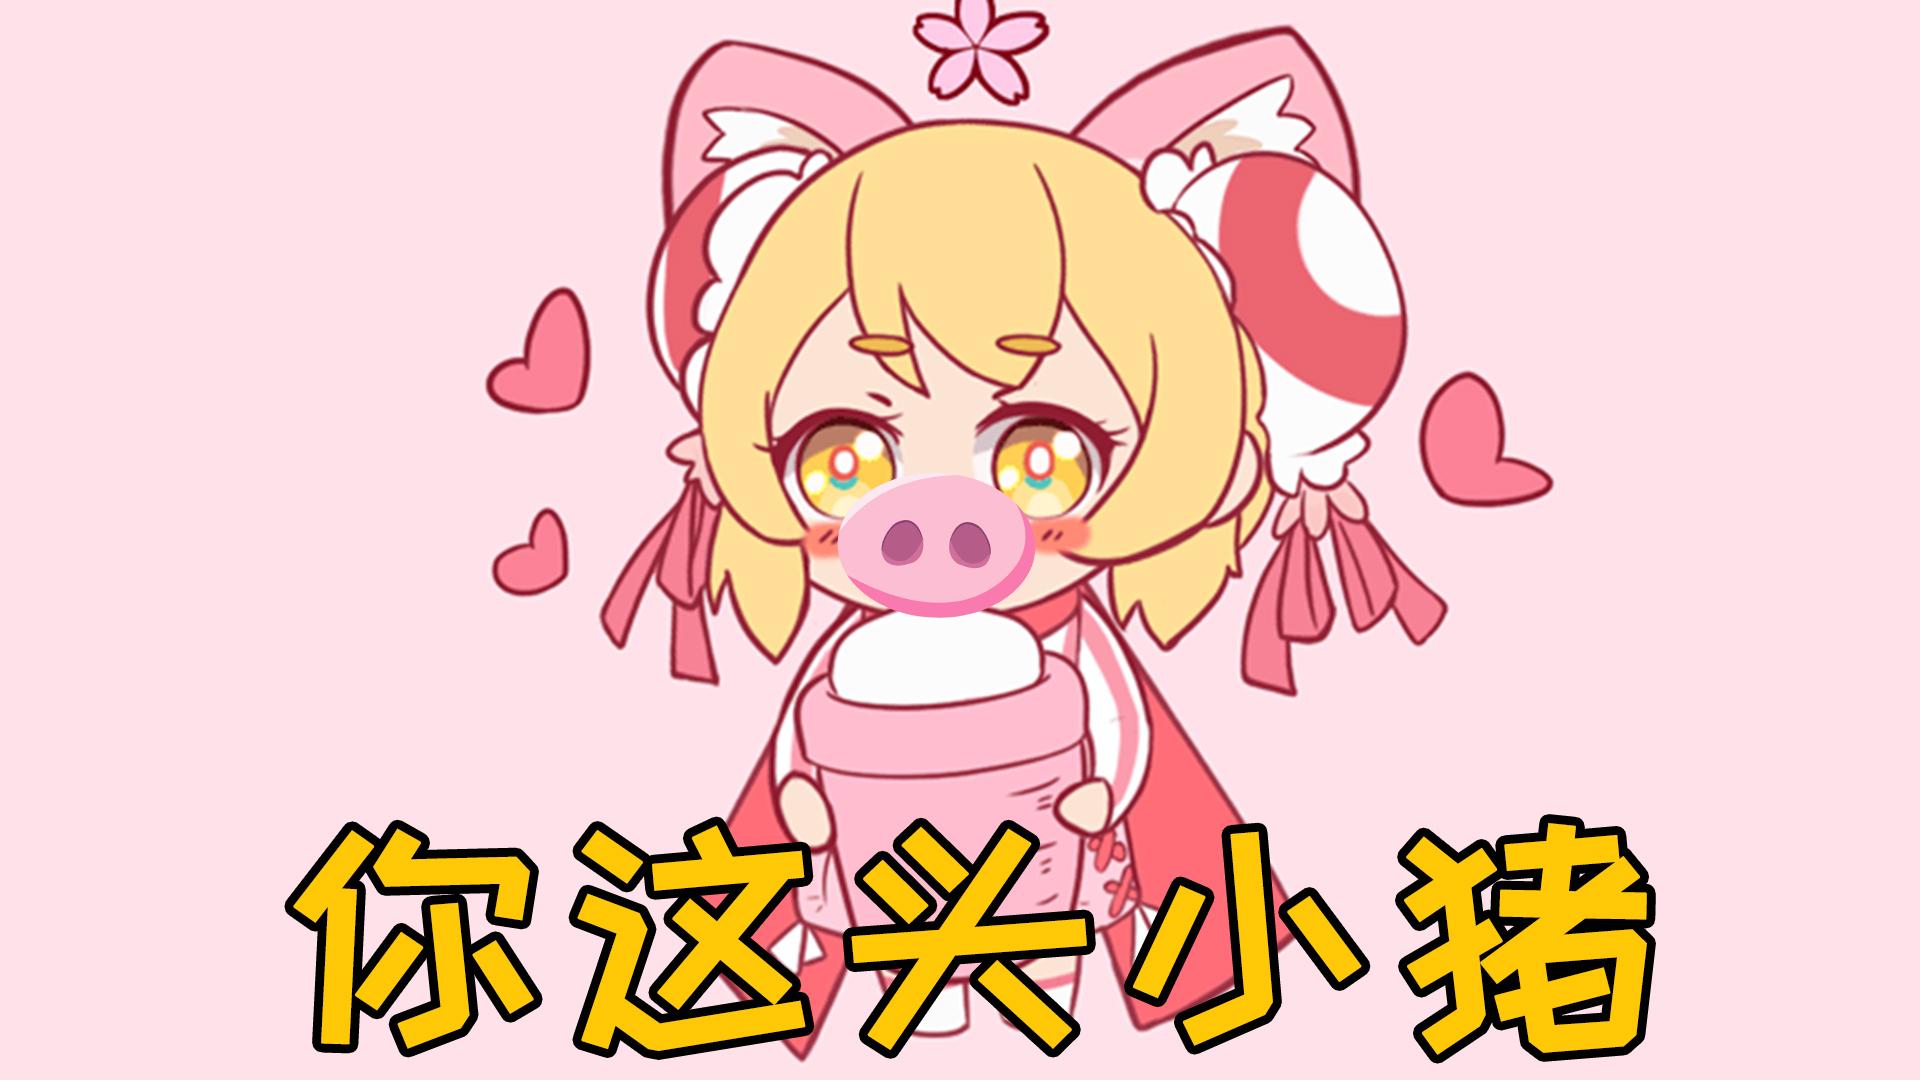 【独家·AC娘晚安曲】你这头小猪!